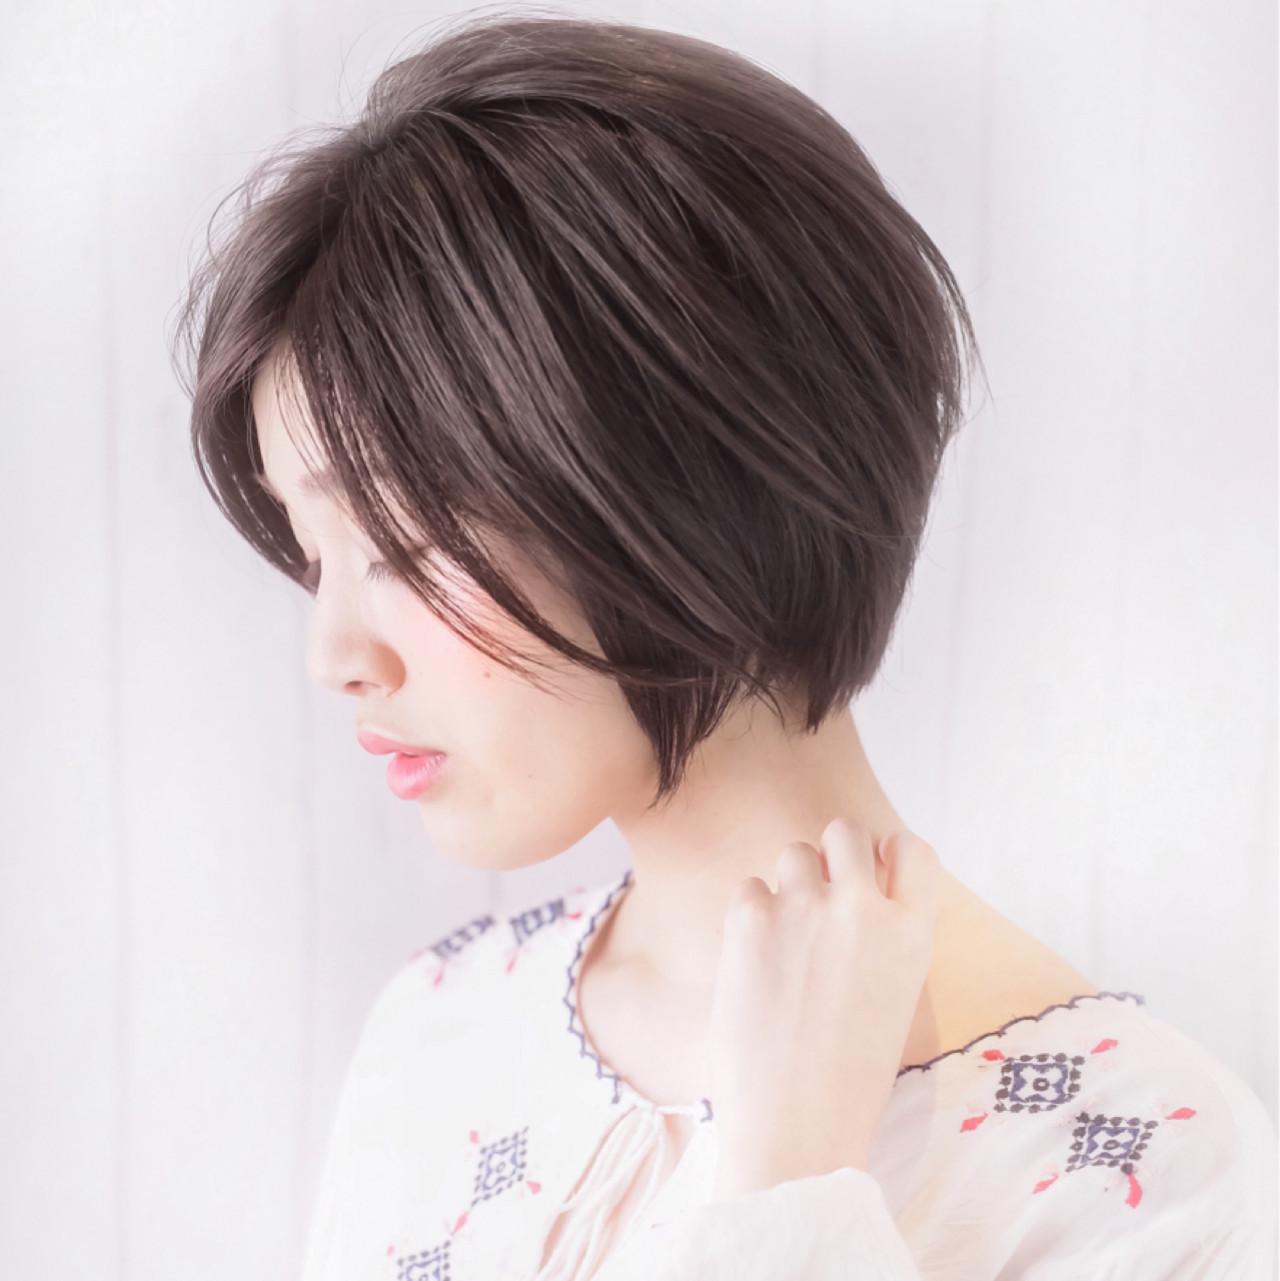 つい真似したくなる♡ショートカットに似合わせる前髪コレクション スガ シュンスケ